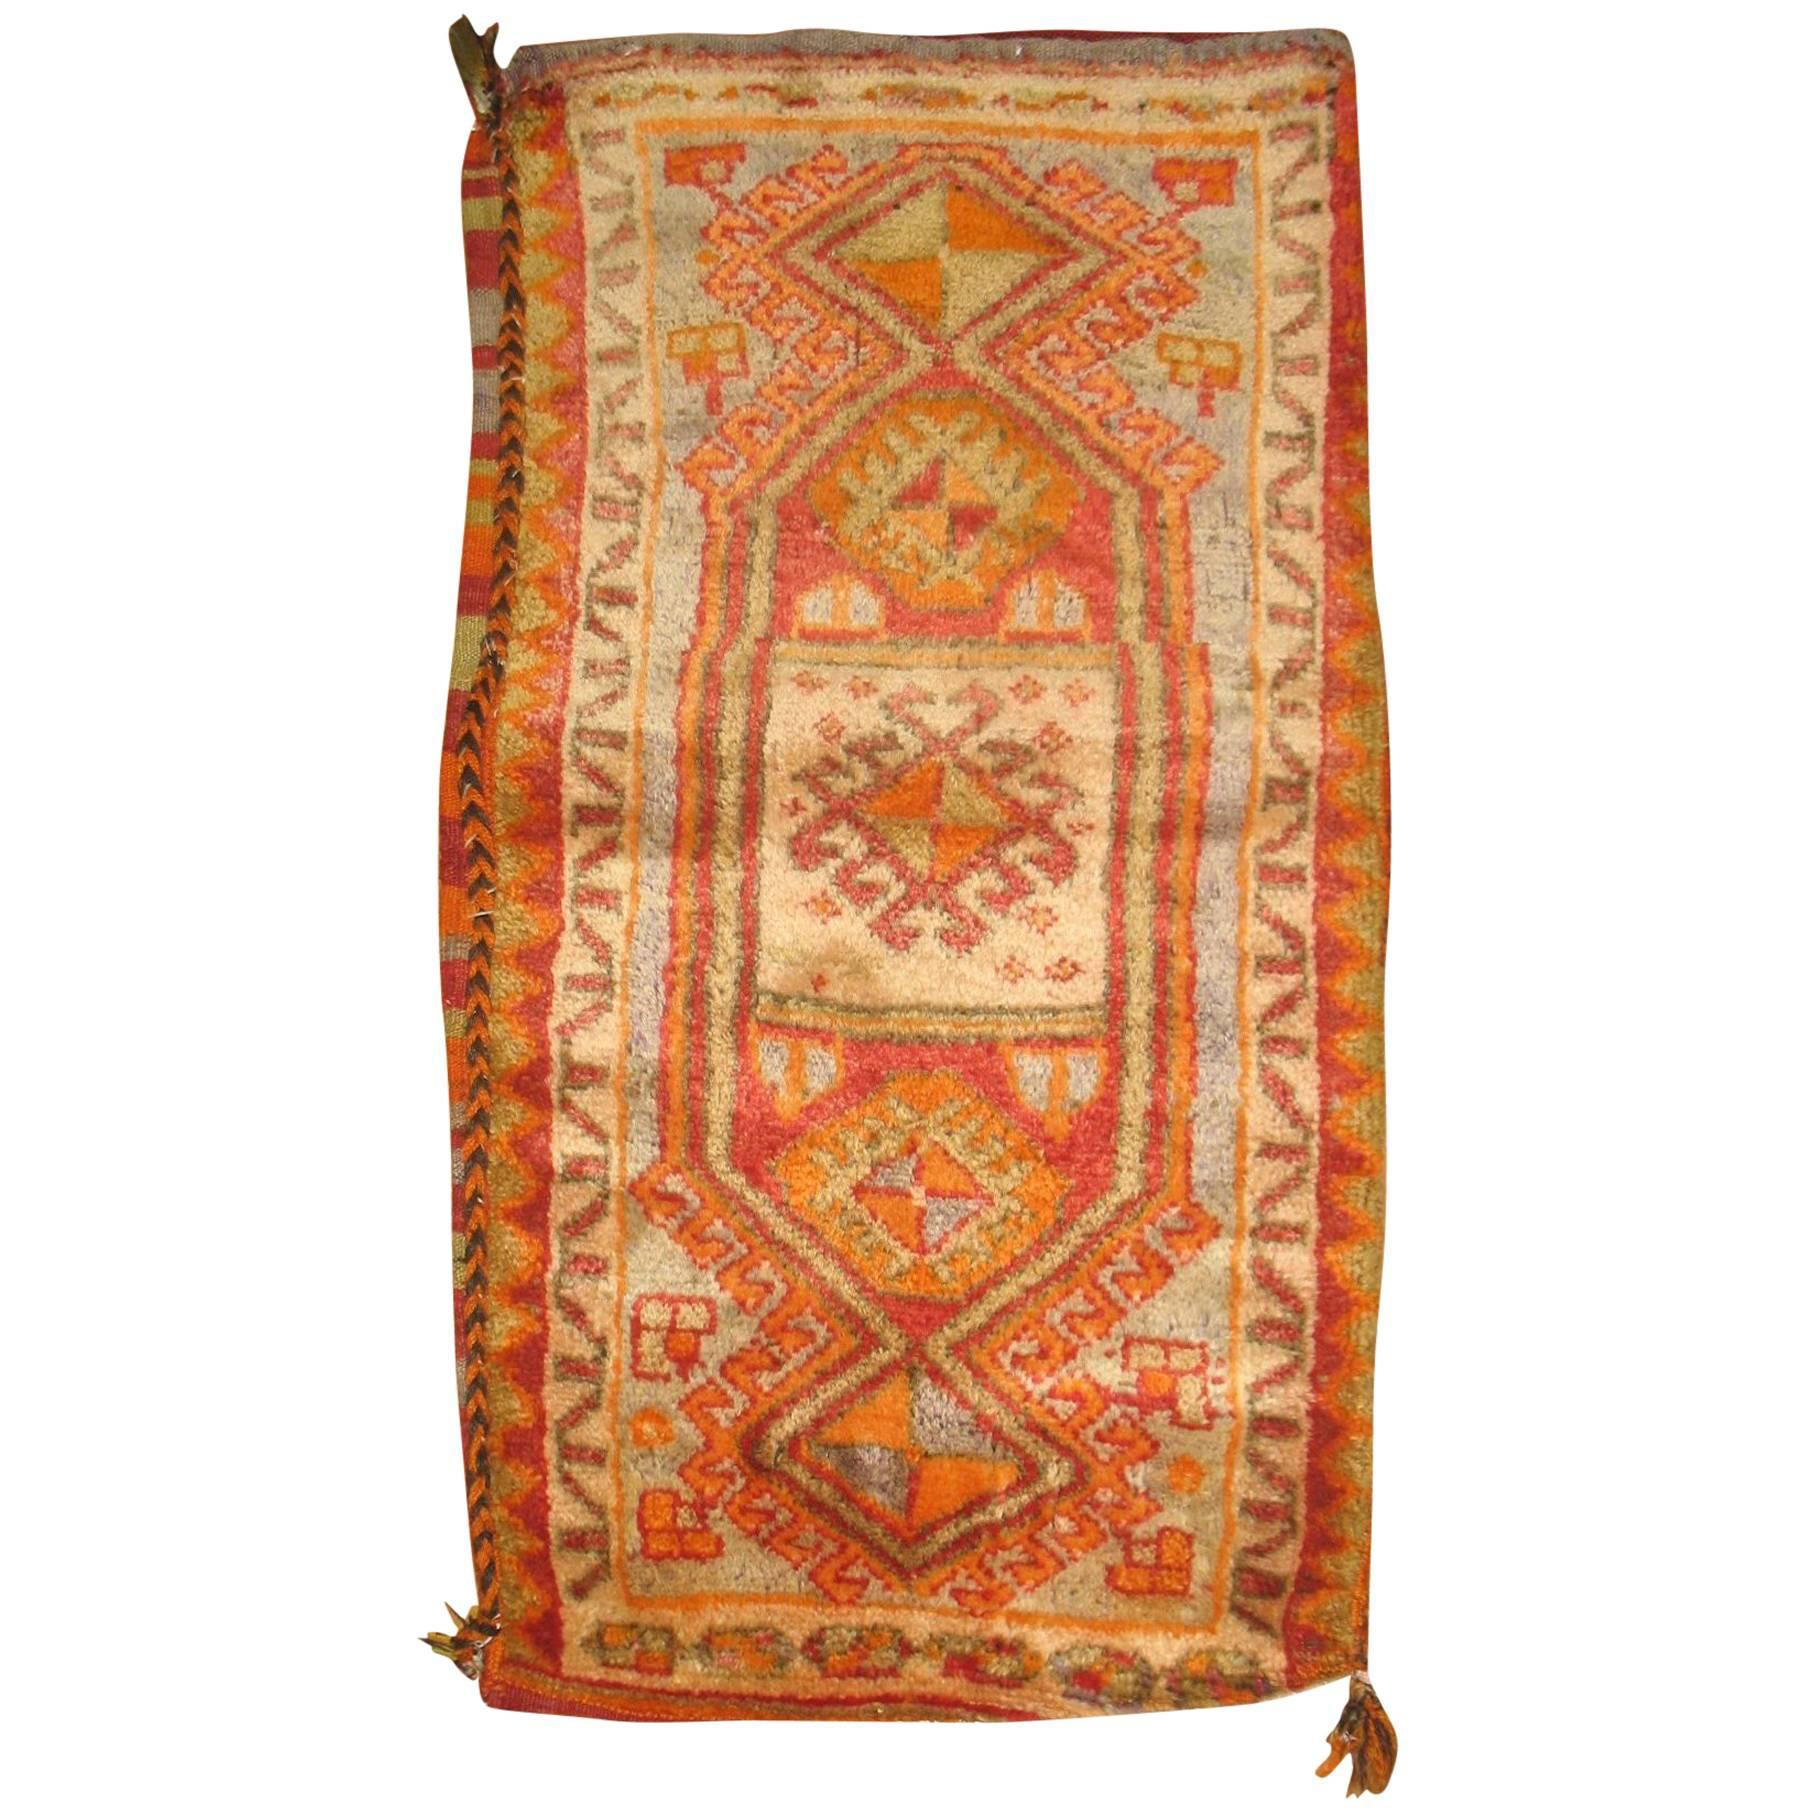 Turkish Yastik Pillow Textile Rug Bag